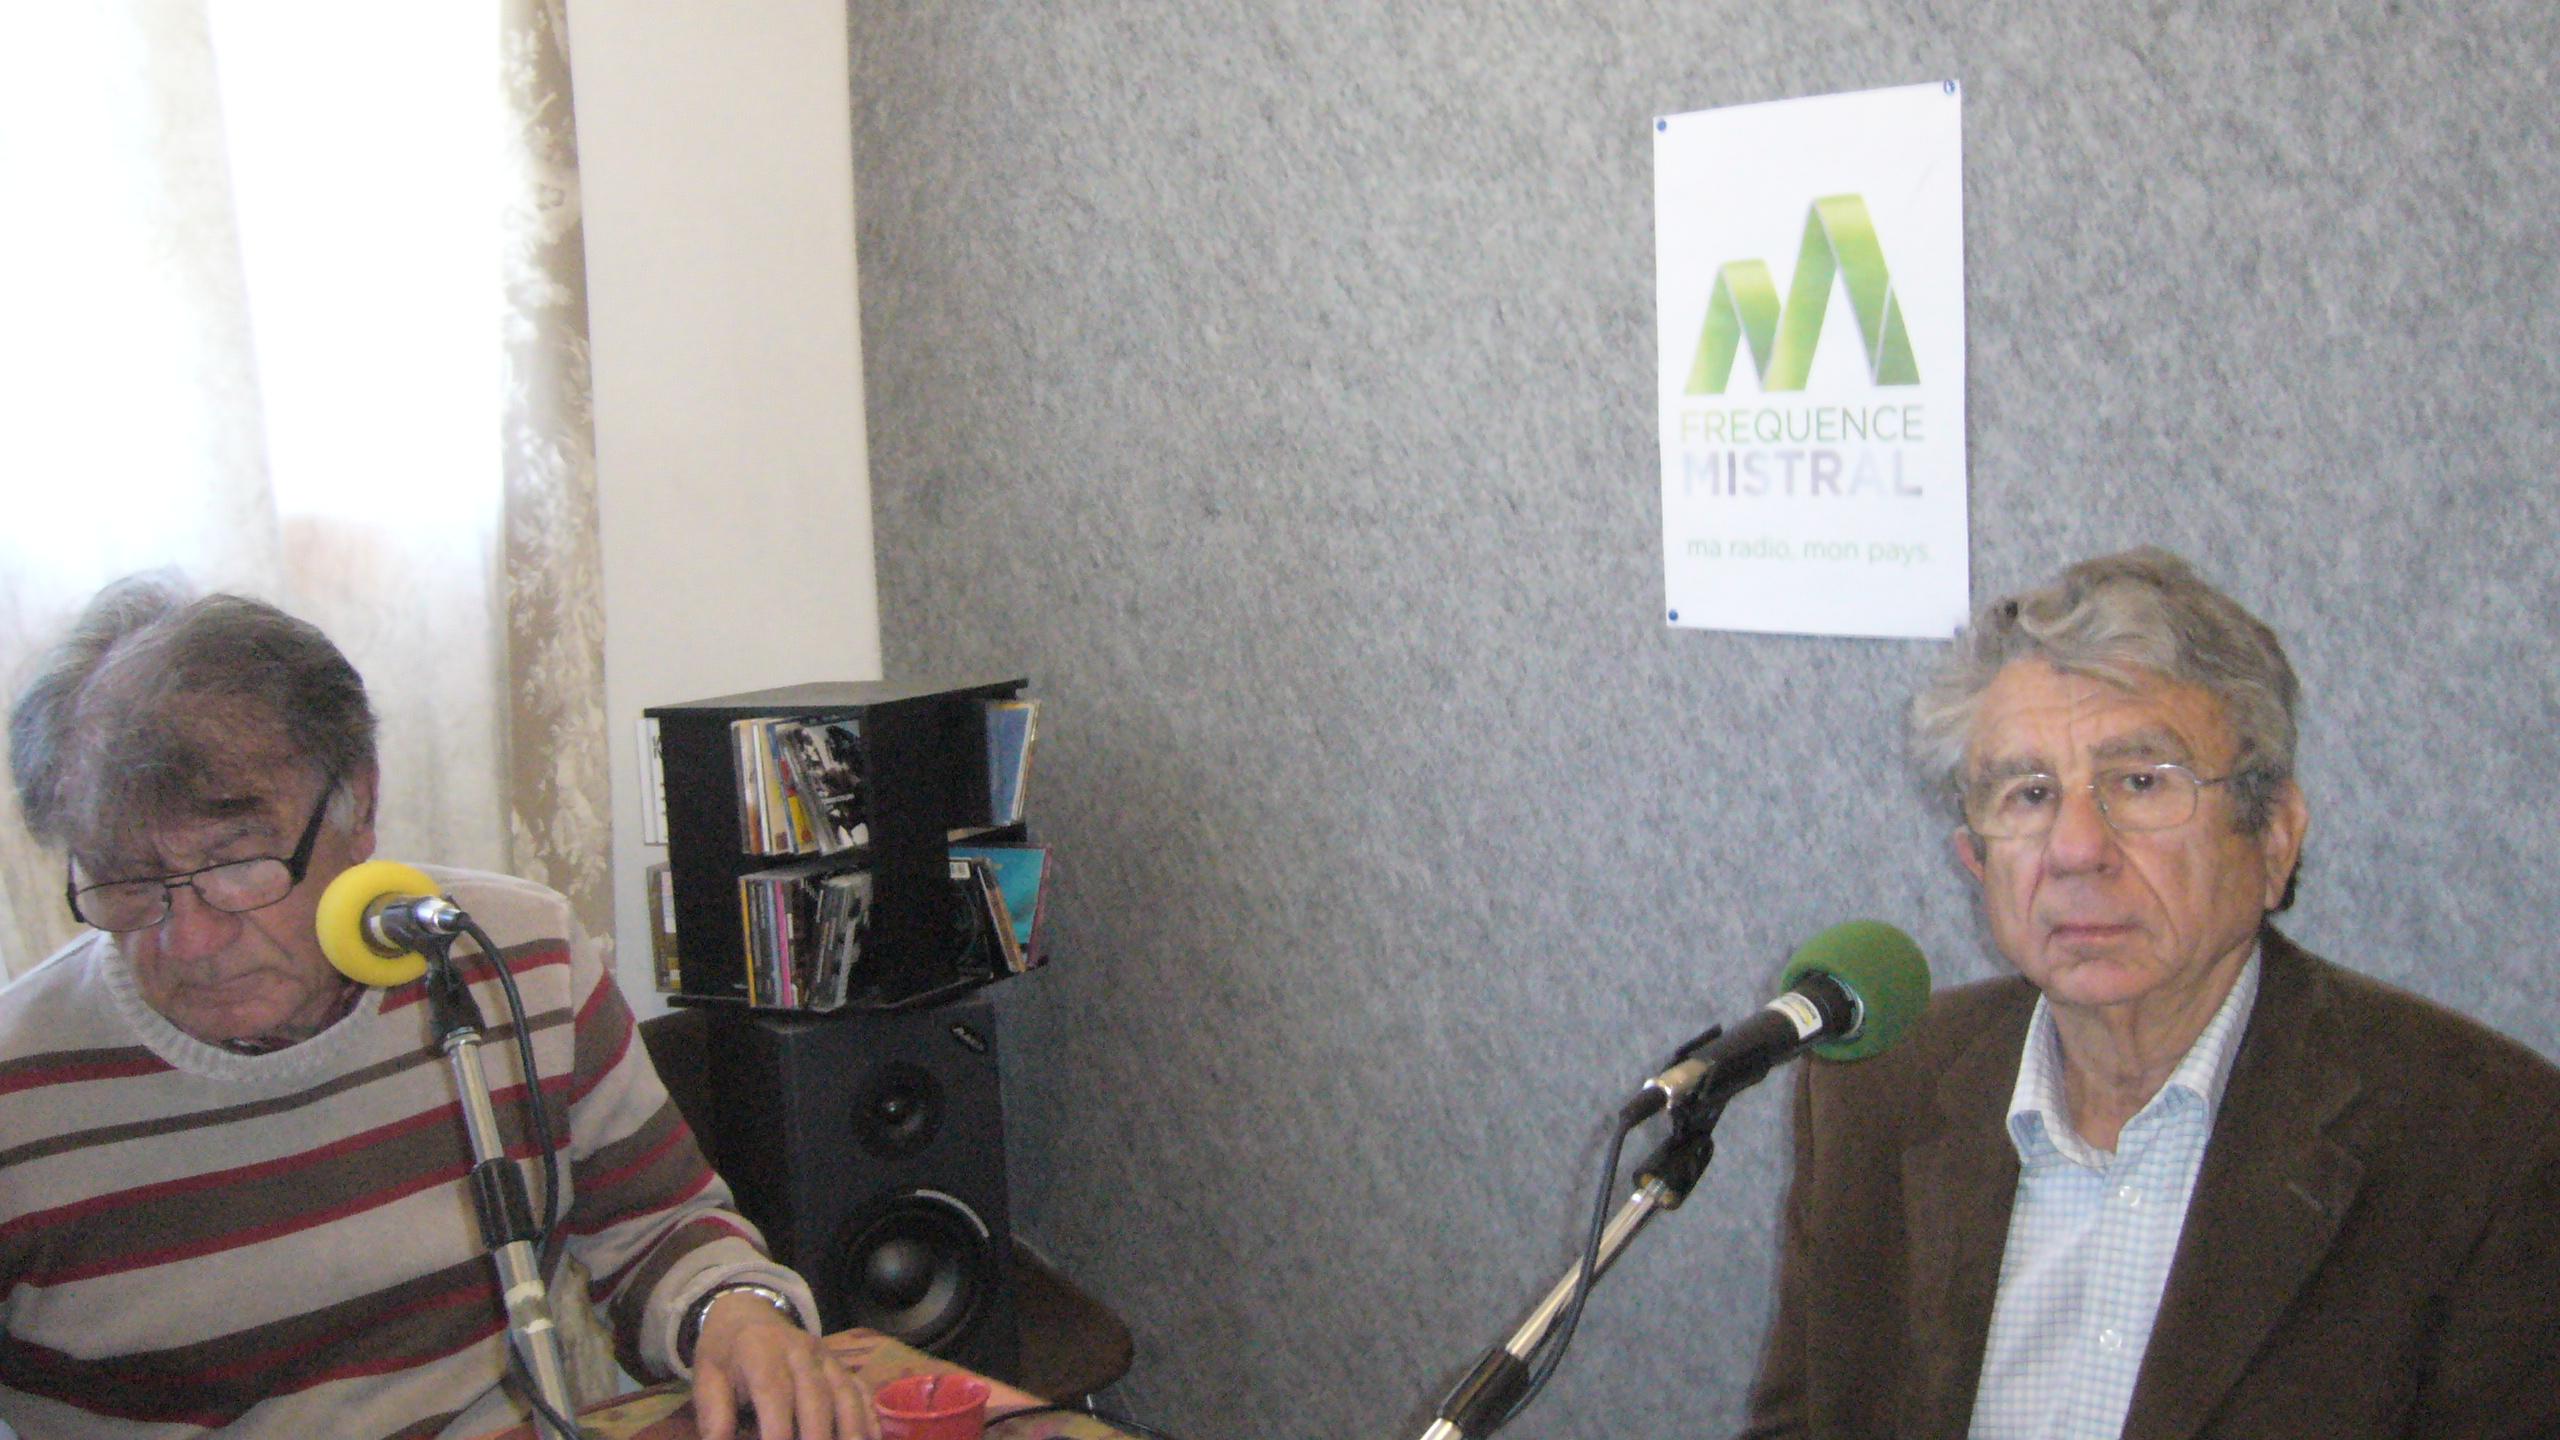 C'est une première pour l'association VOIR à Marcoux qui lance sa foire artisanale